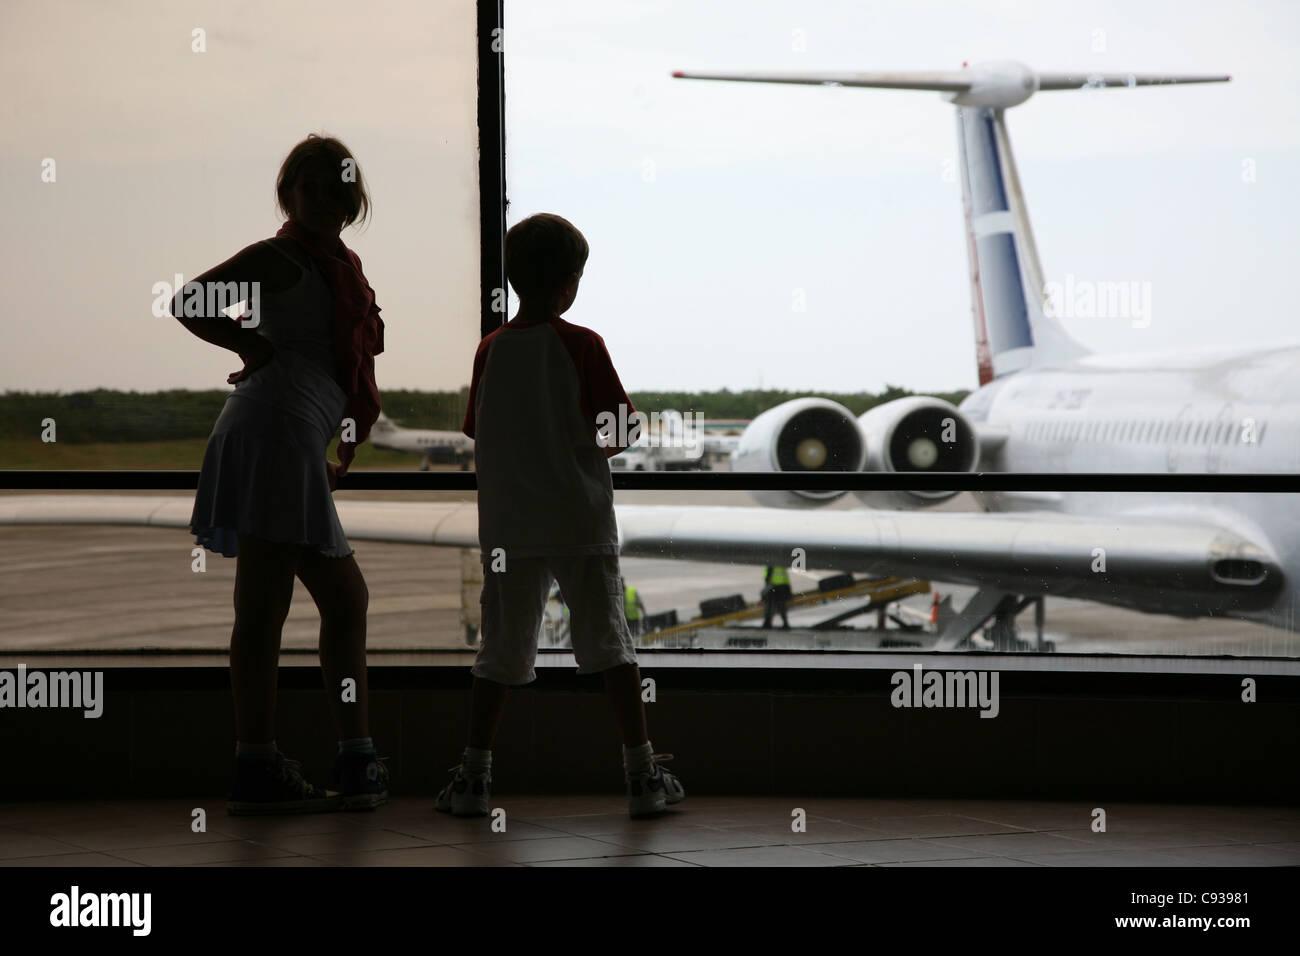 Santo Domingo Las Americas Airport Car Rental